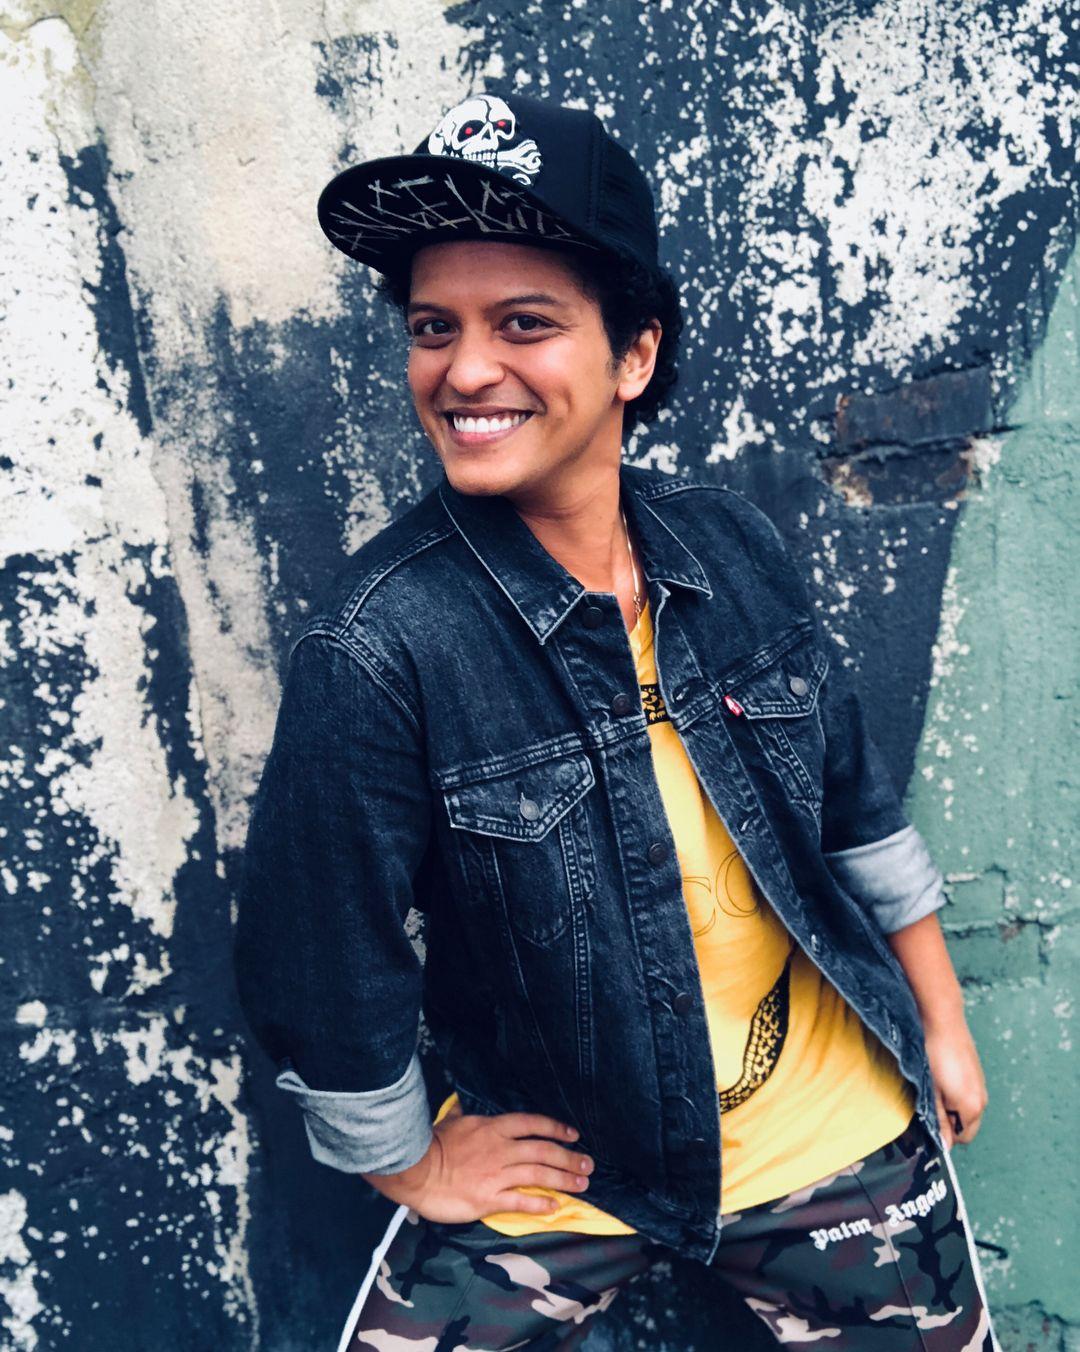 Arquivo Do Usuario Brunomars Baixado Do Instagram Bruno Mars